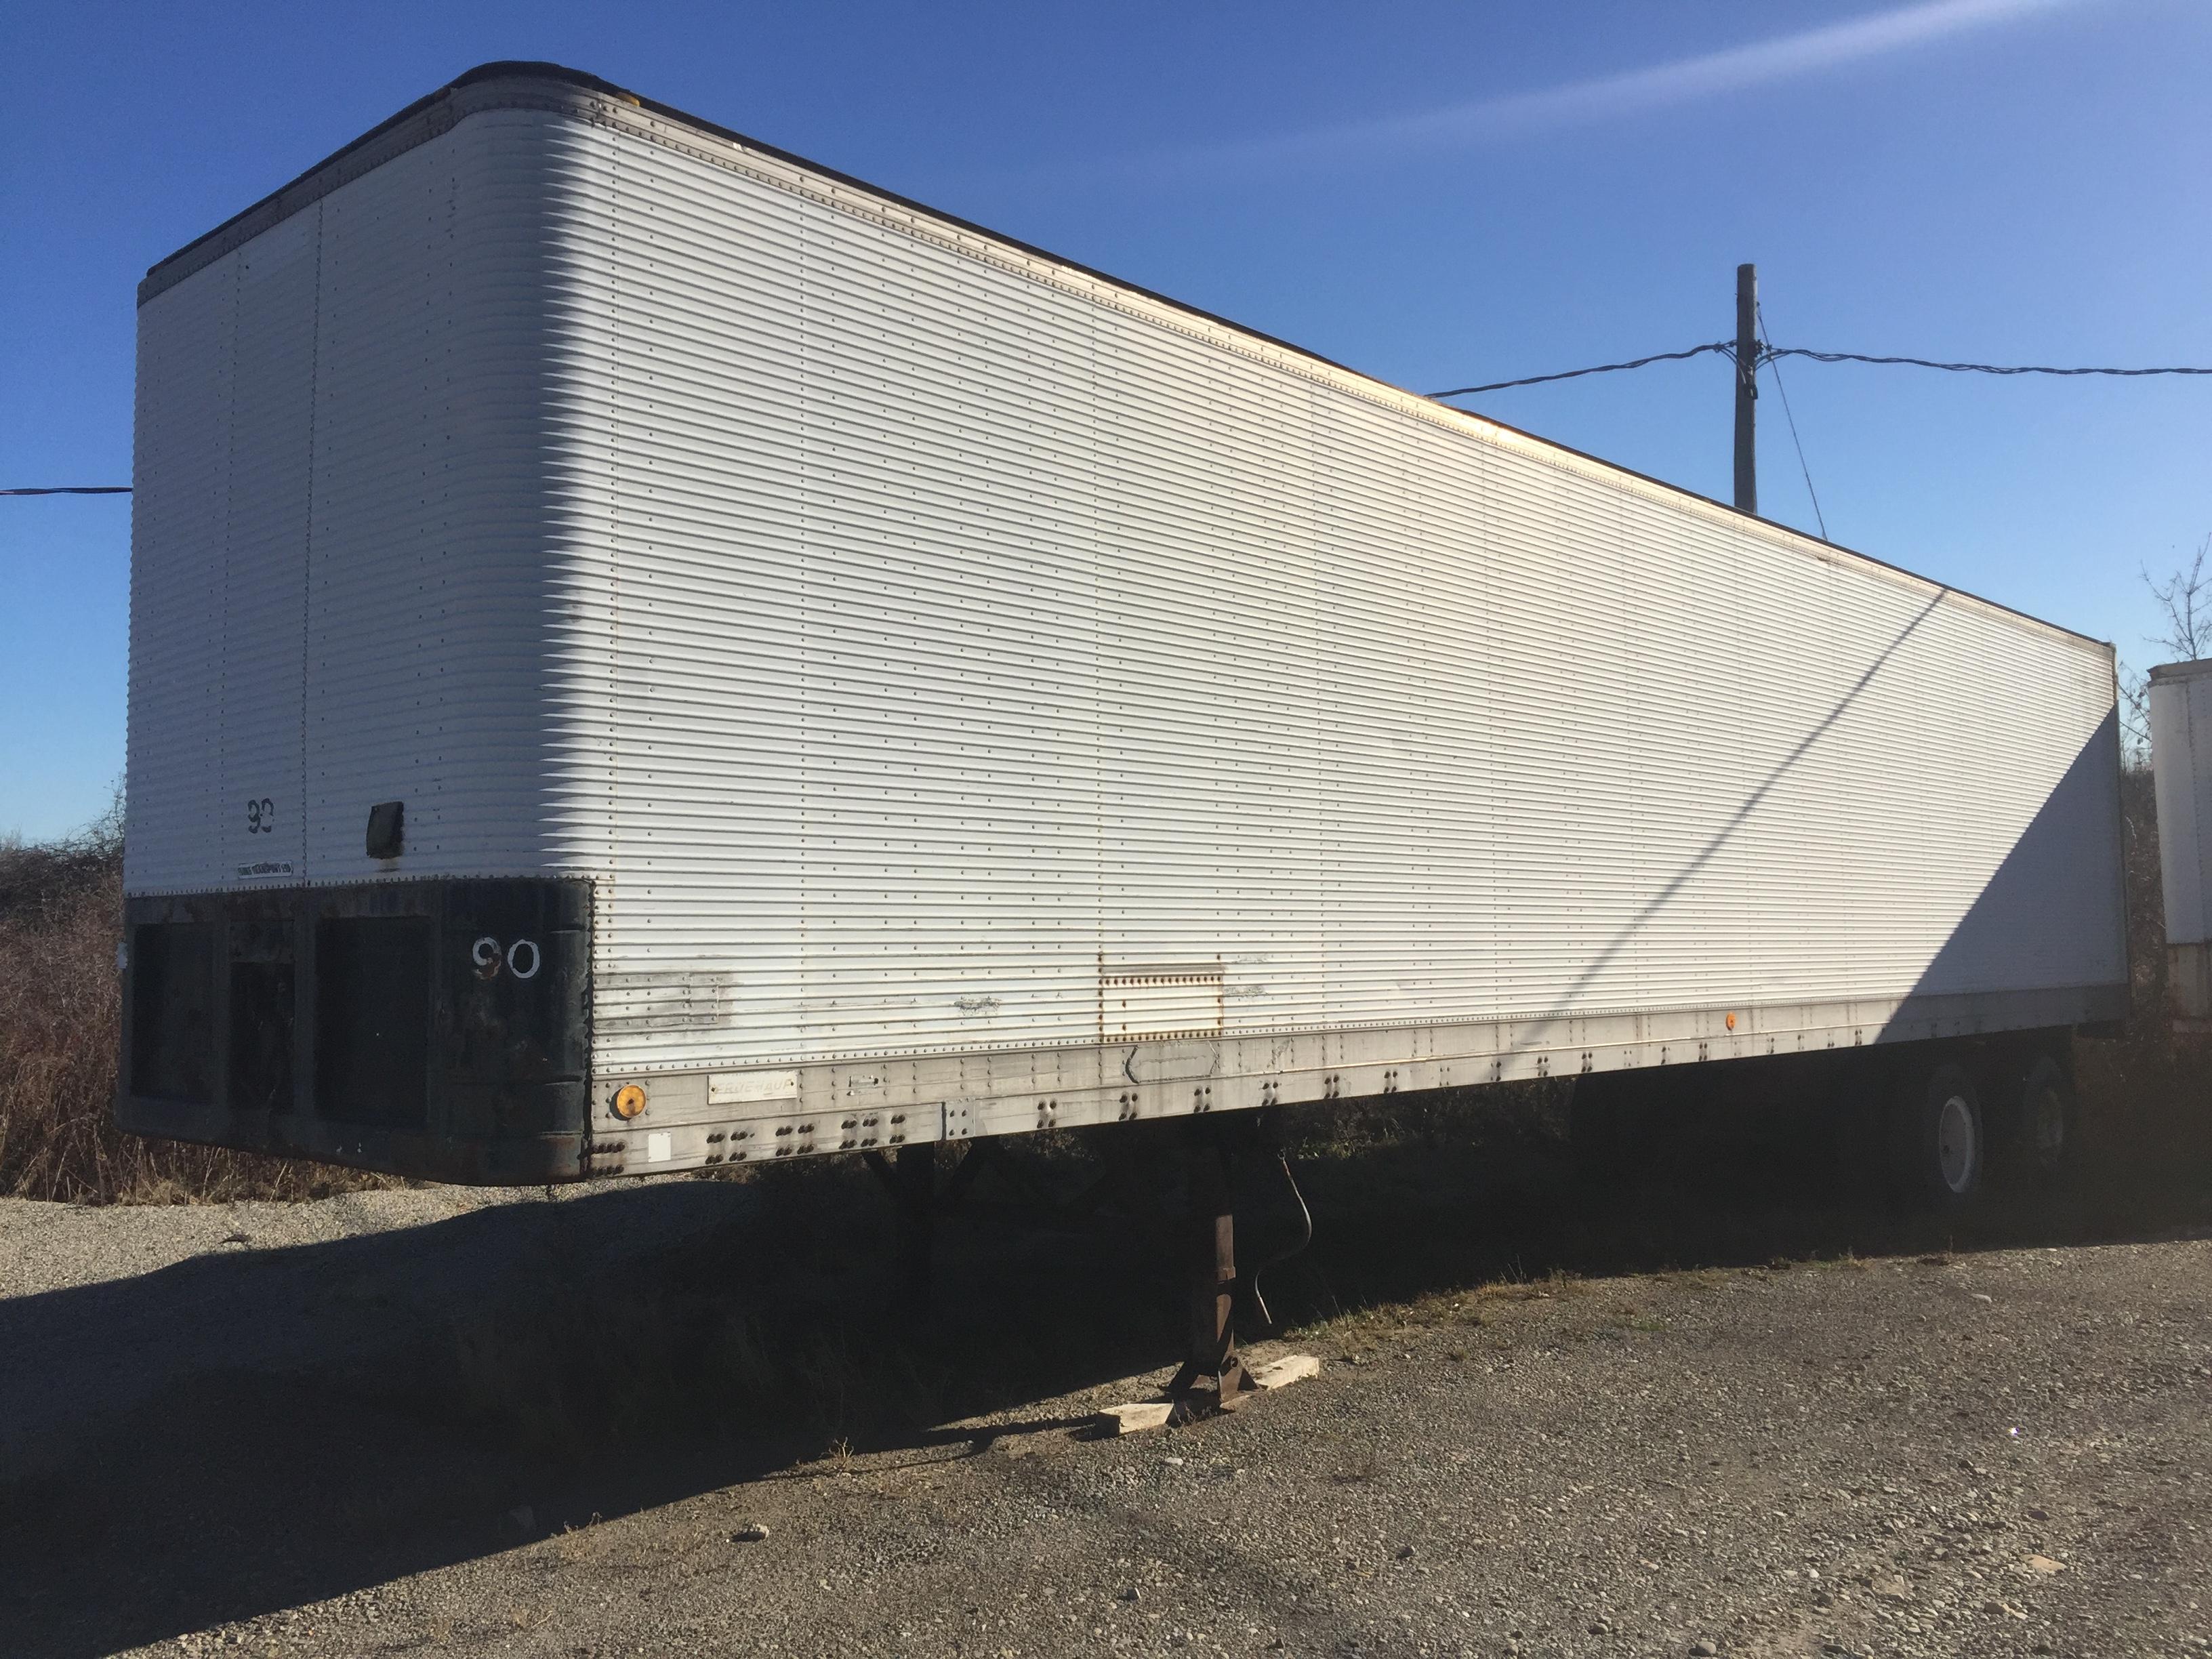 WHITE 48 ft TRANSPORT TRAILER (FLUKE)